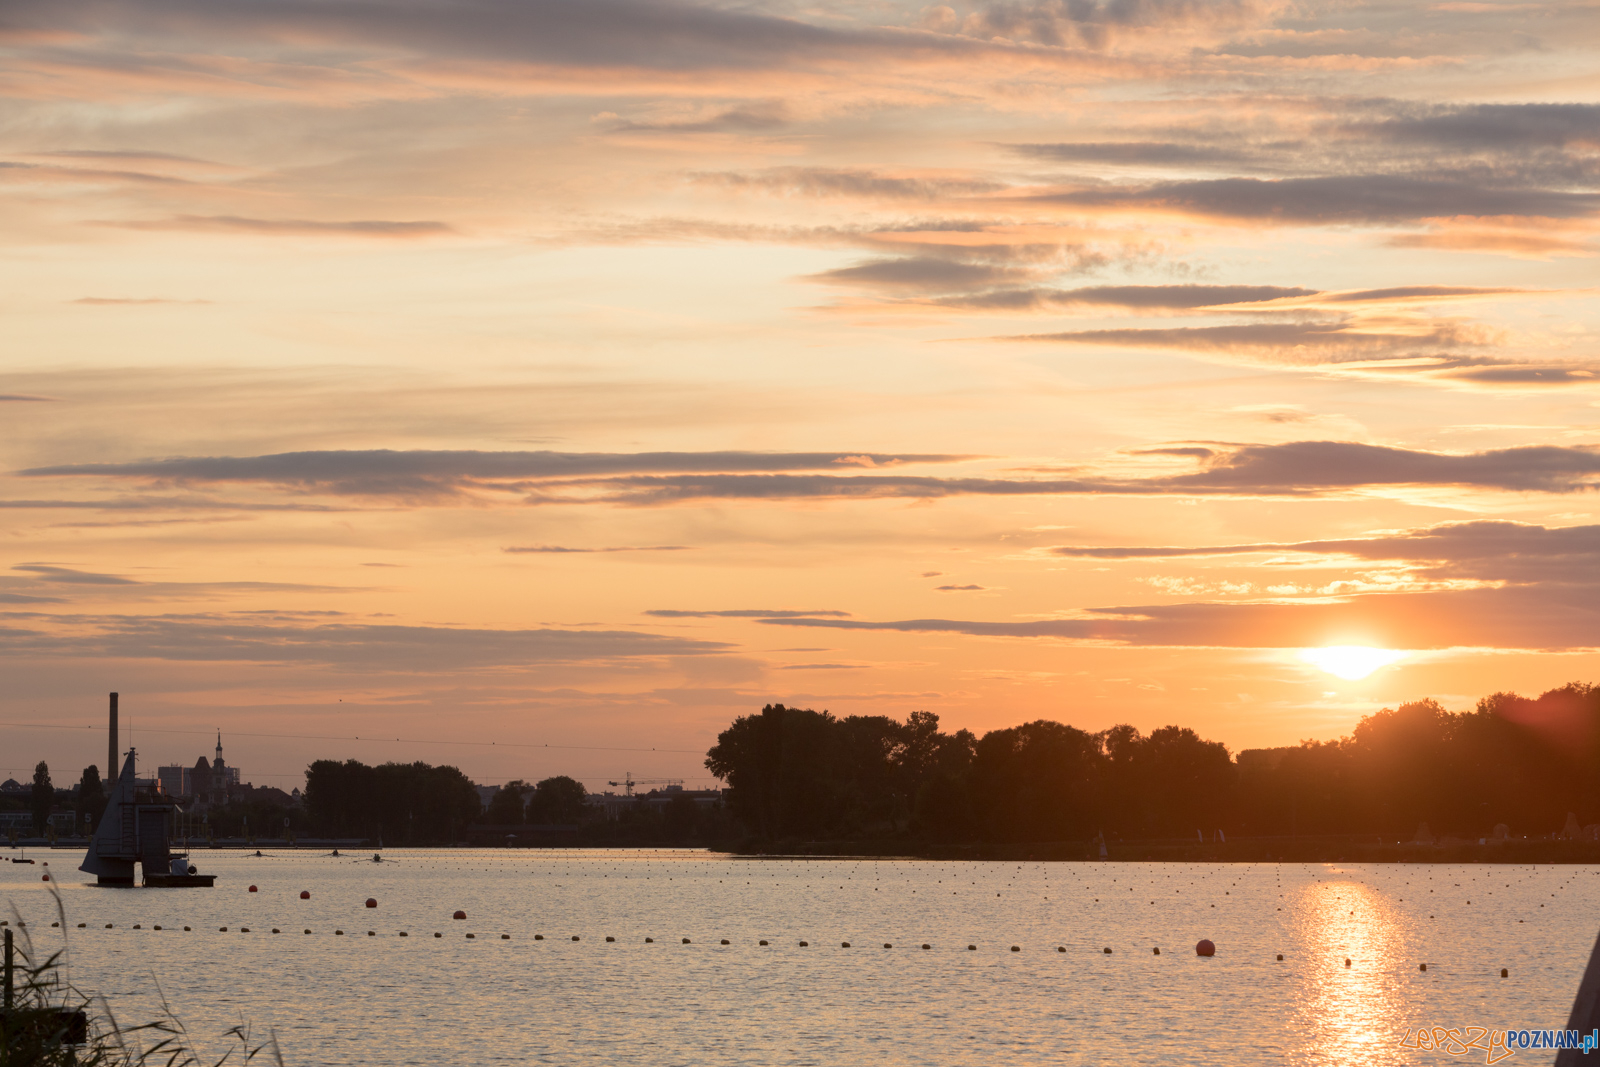 Jezioro Malta  Foto: lepszyPOZNAN.pl/Piotr Rychter